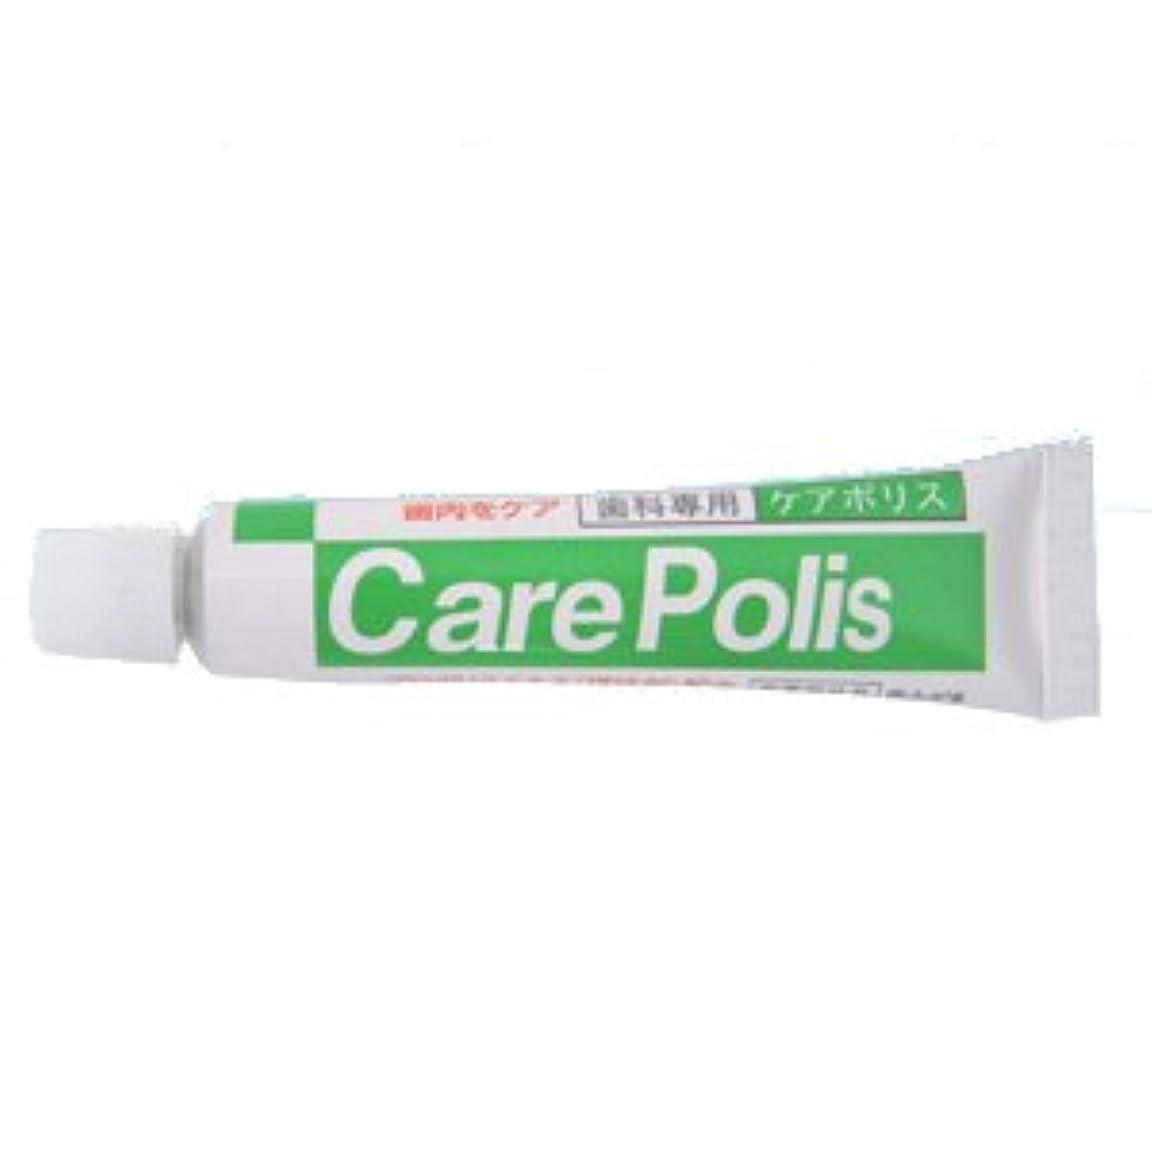 責任代数的ノミネート薬用歯磨 ケアポリス 7g 医薬部外品